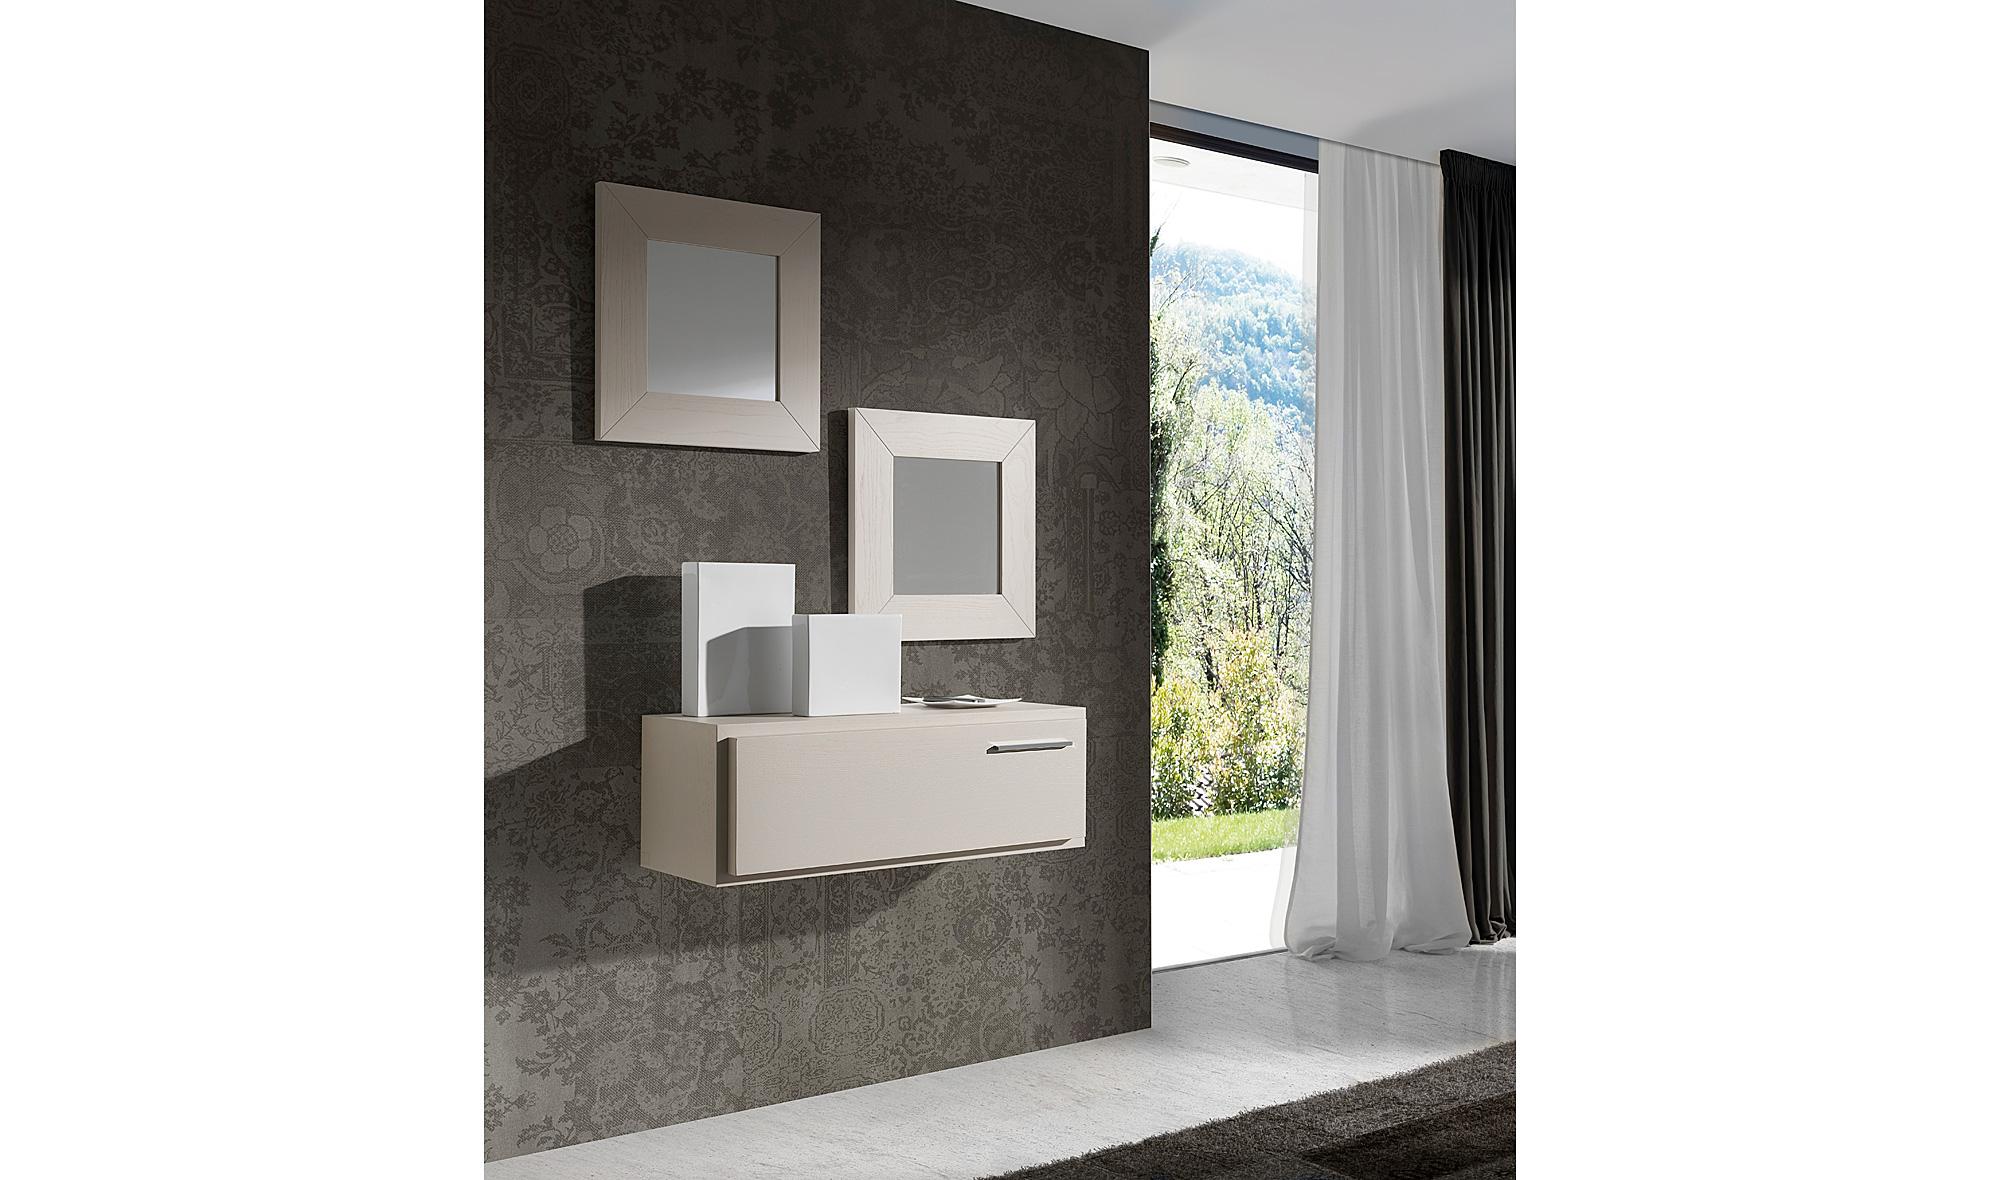 Recibidores De Diseo Moderno Recibidor Moderno Lacado Aprenda A  # Muebles Gimenez Recibidores